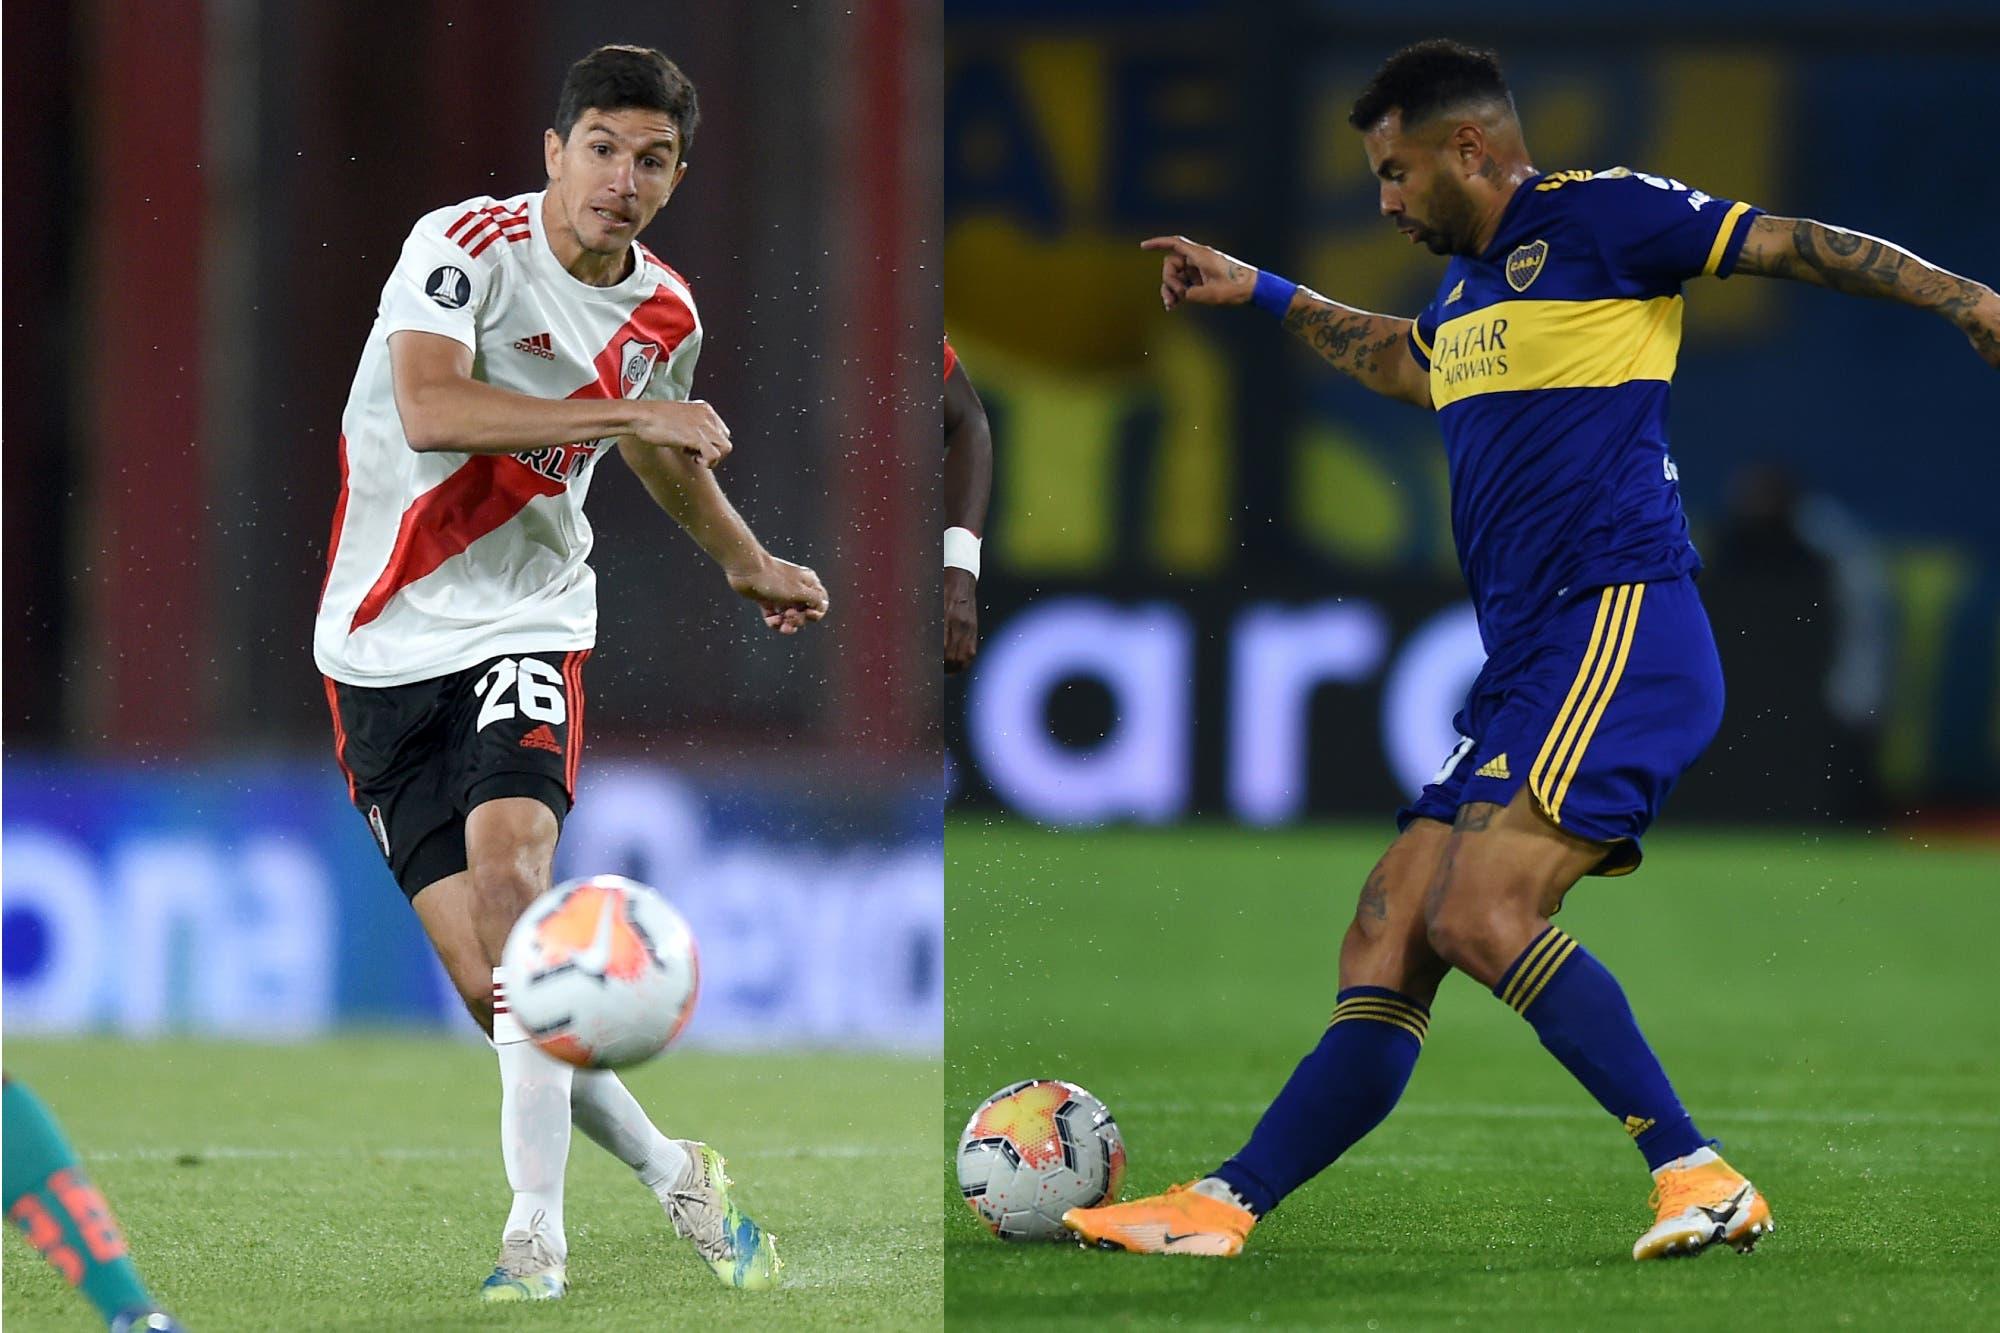 Copa Liga Profesional: partidos, días, horarios y árbitros de la primera fecha